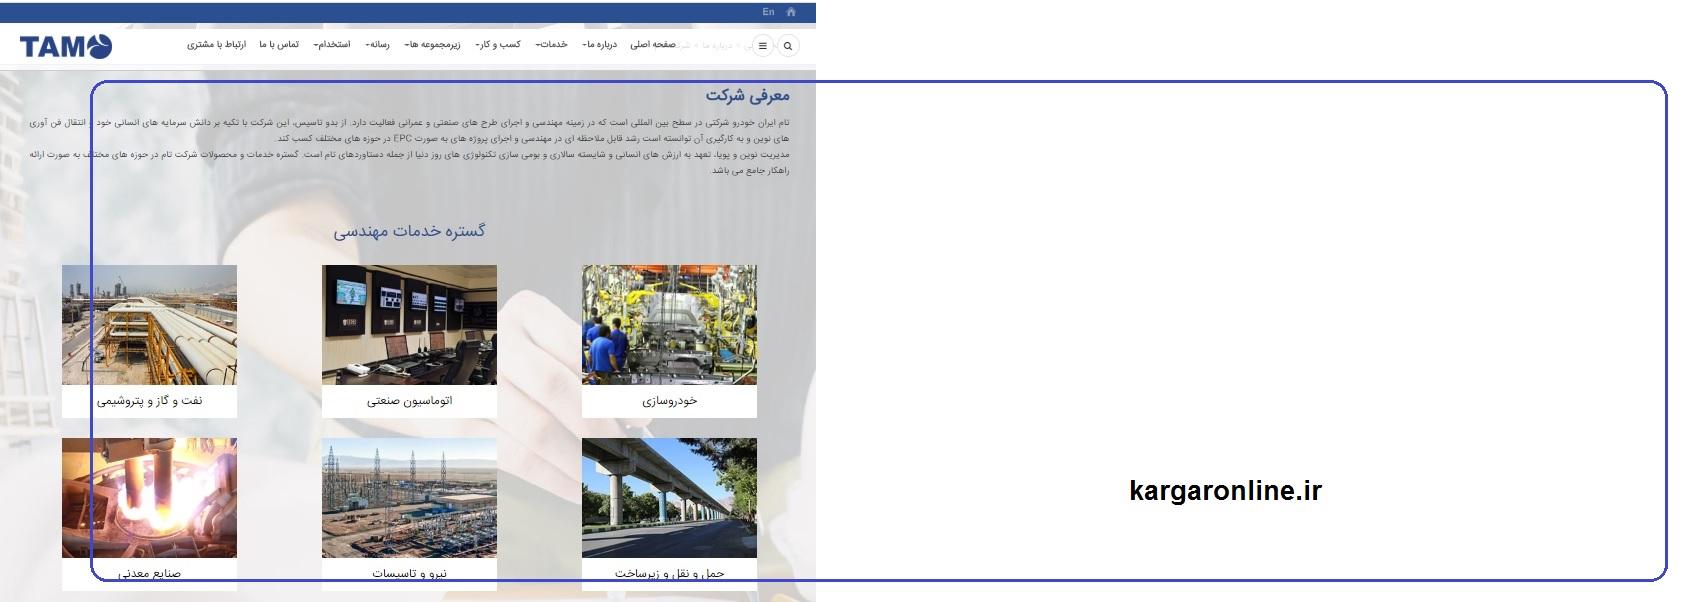 از رئیس جمهور حکم بگیر/ در ایران خودرو حقوق+جزییات